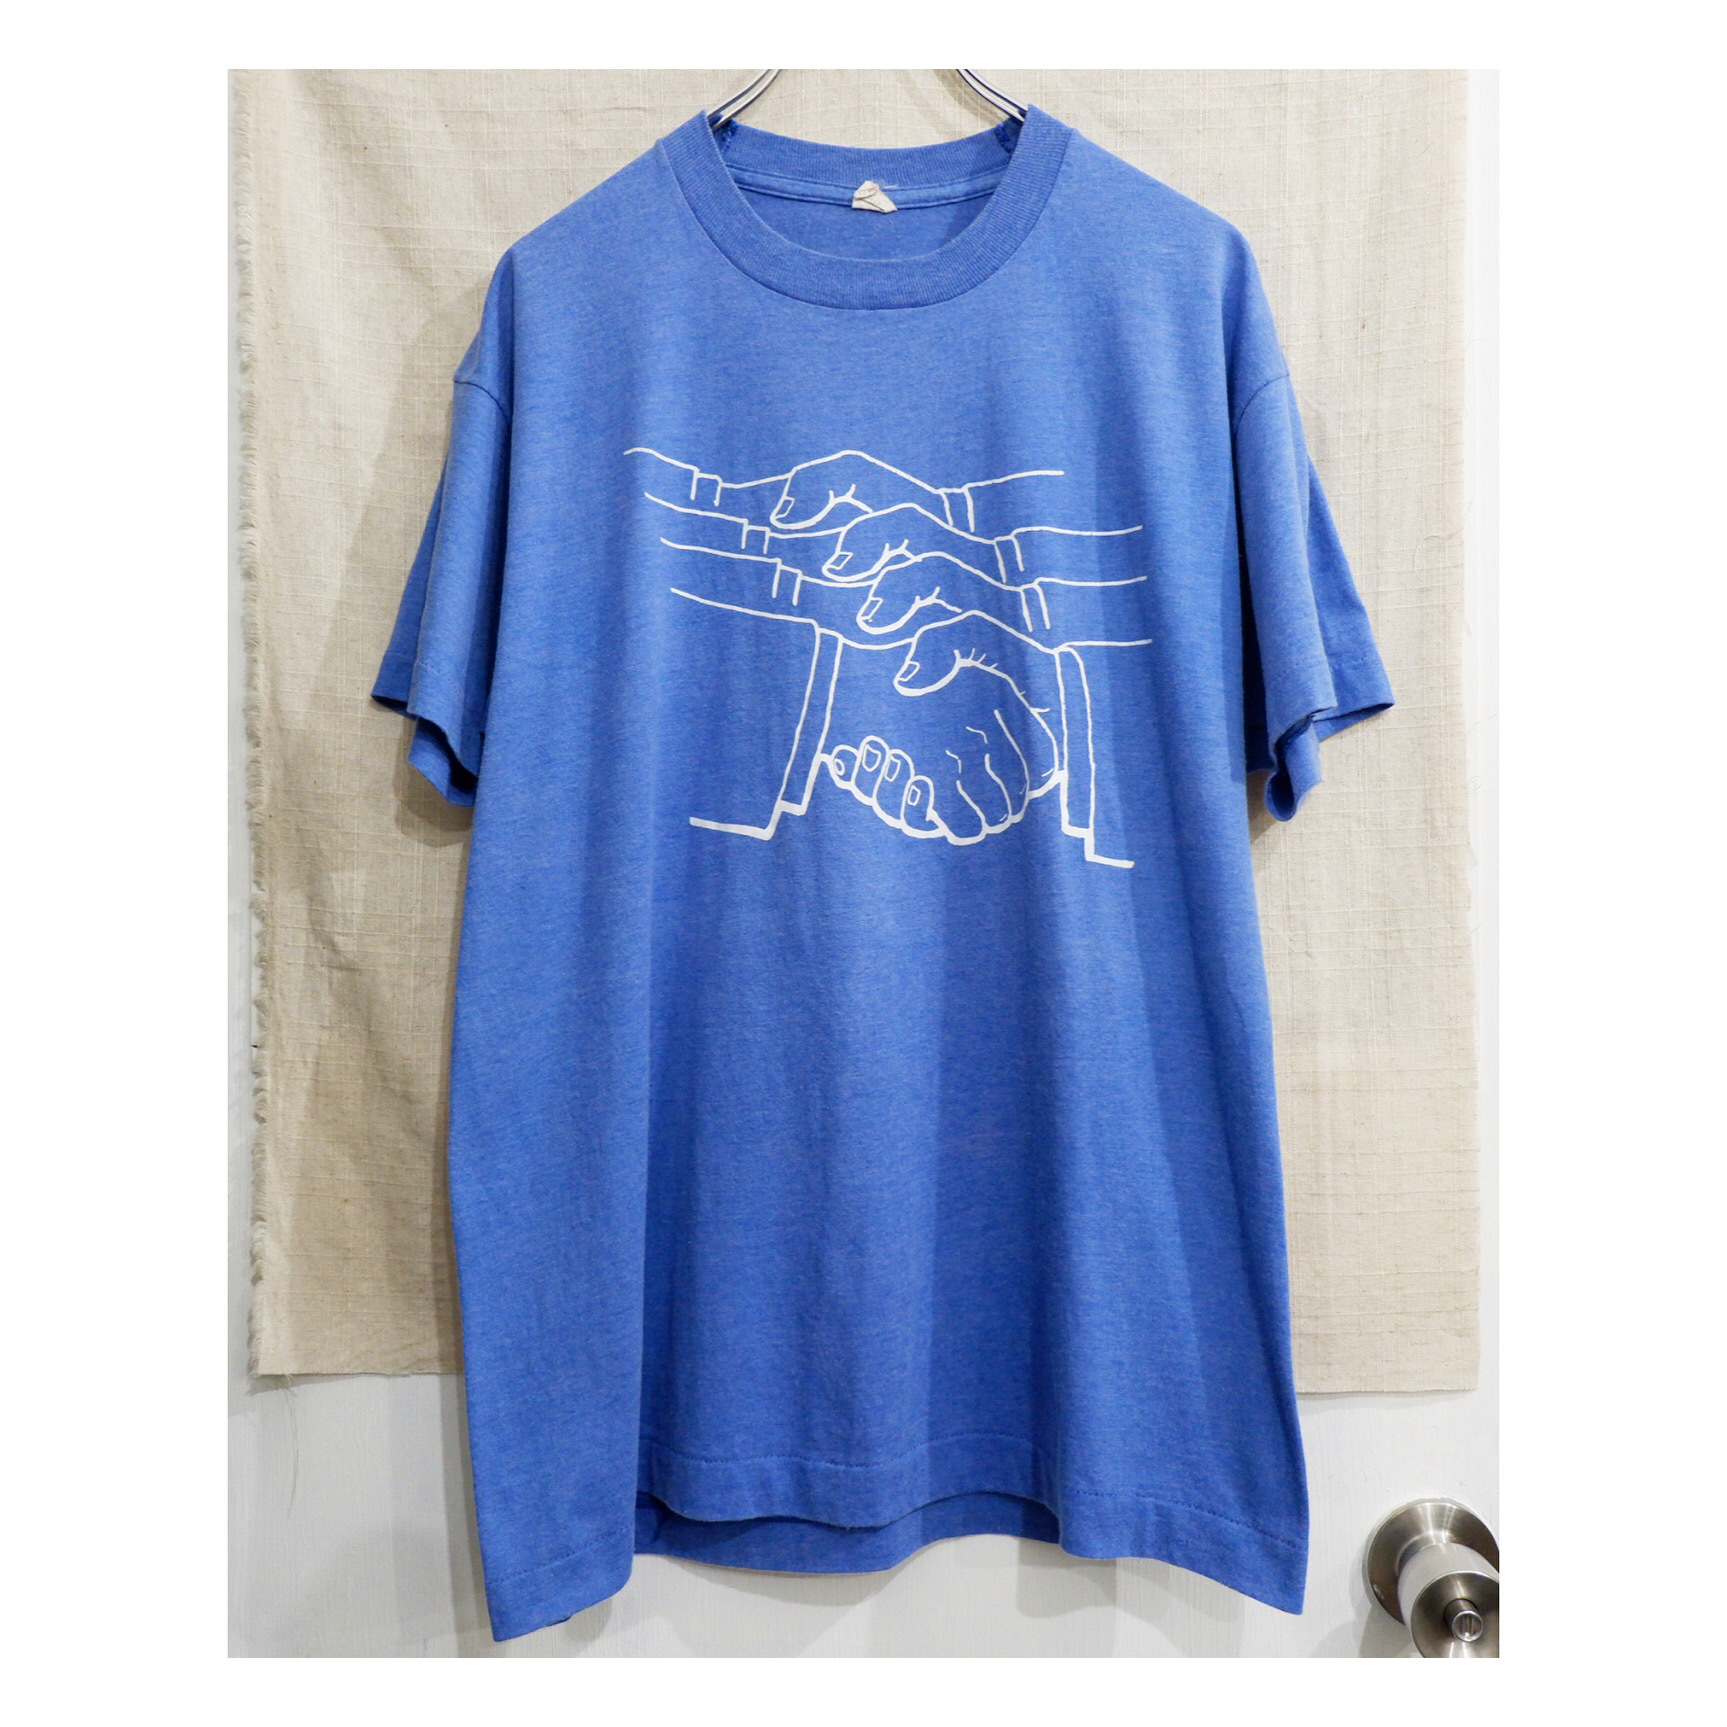 アメリカ古着 1980s USA製 ハンドサイン プリント T-シャツ